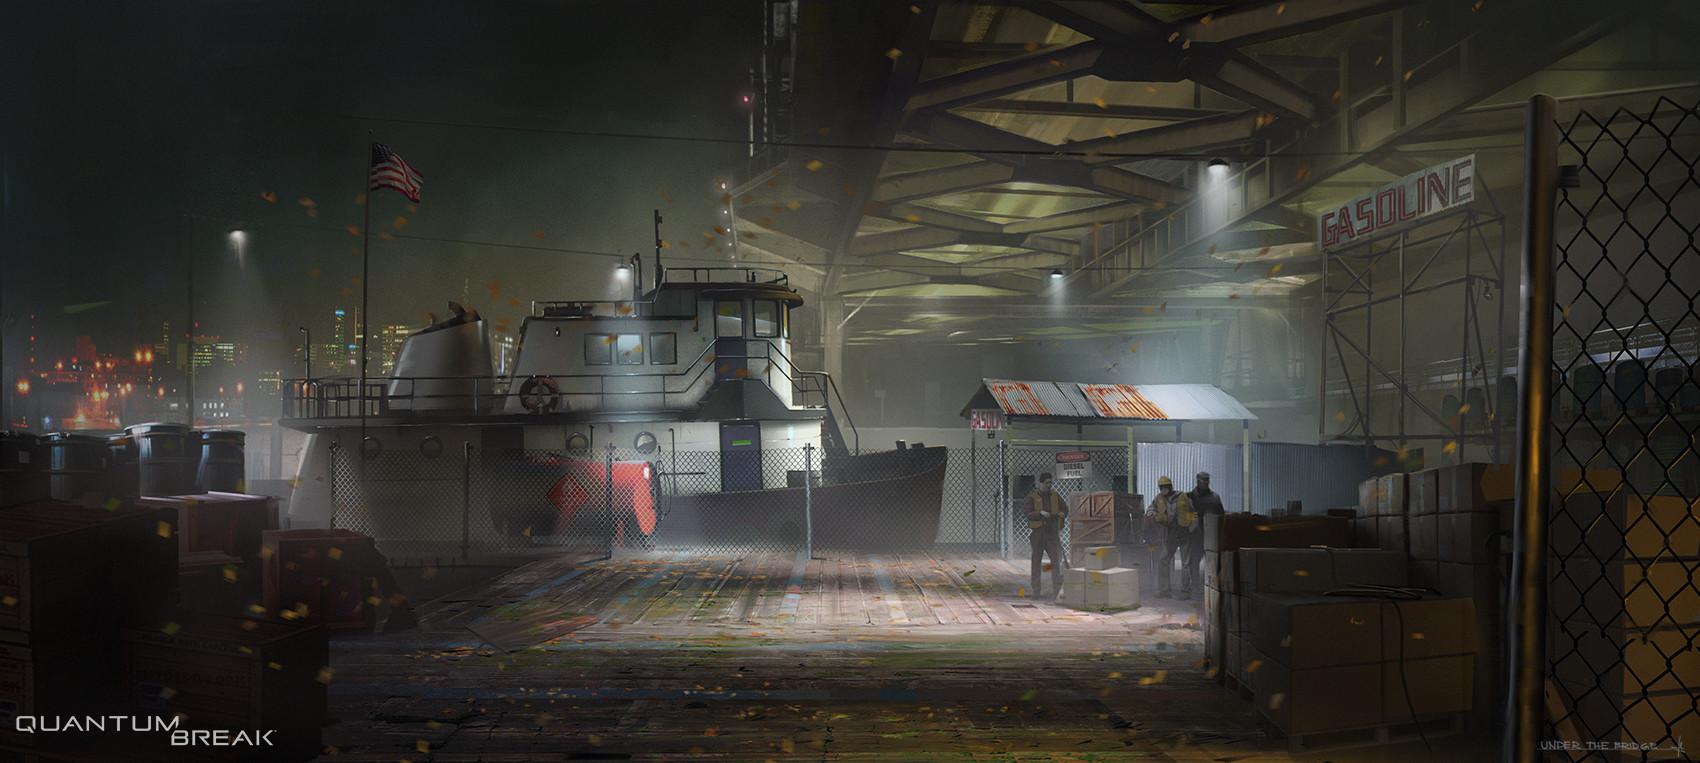 Ville assinen under bridge concept2